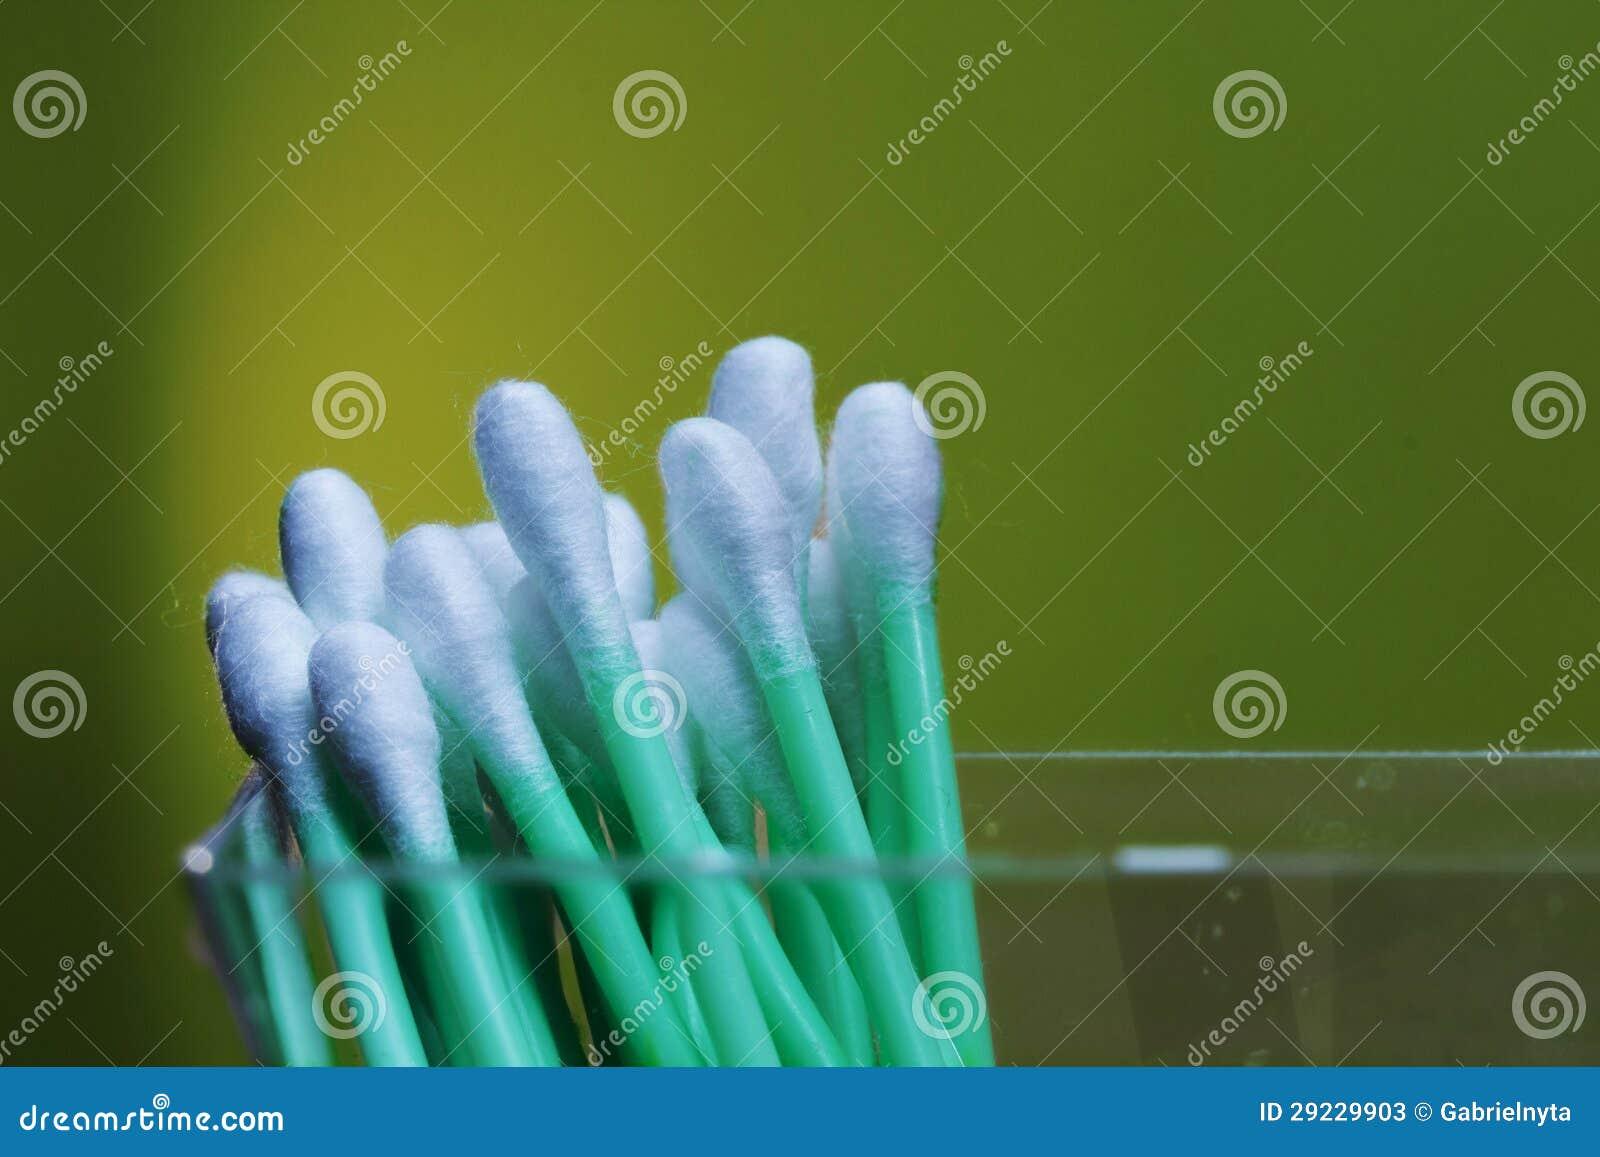 Download Varas do algodão imagem de stock. Imagem de saudável - 29229903